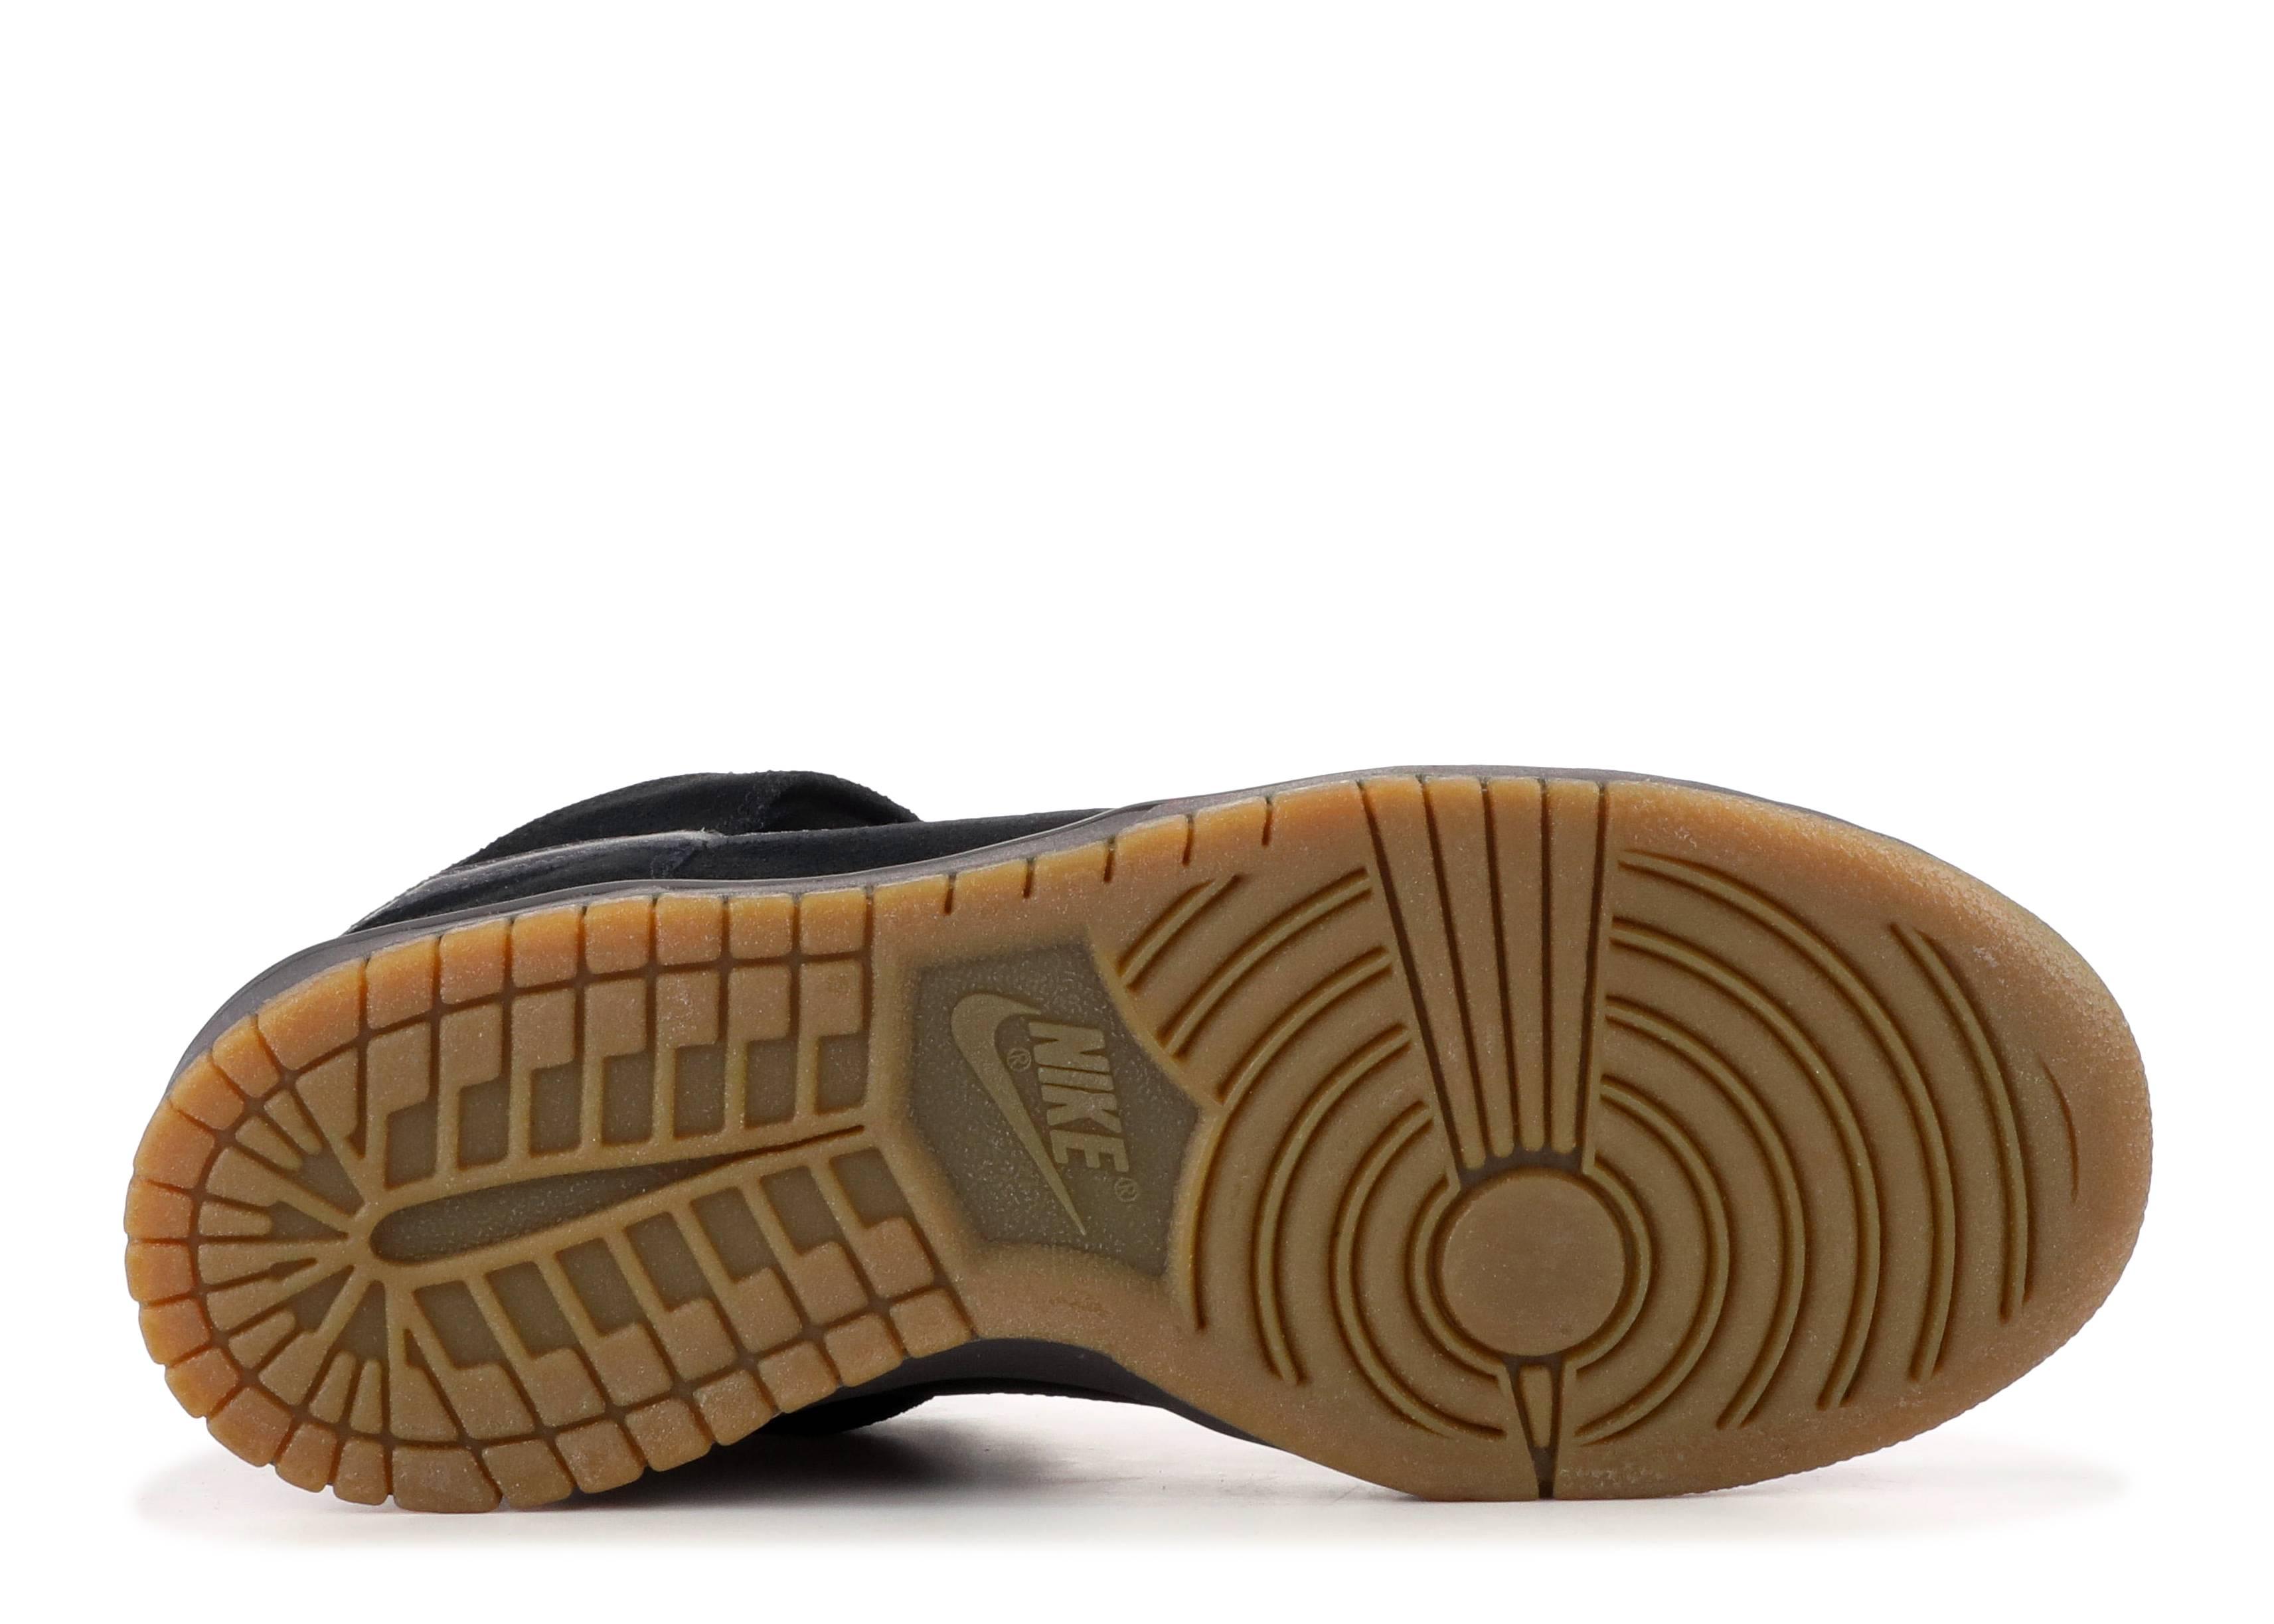 17d73042 Dunk High Pro Sb - Nike - 305050 002 - black/midnight fog   Flight Club